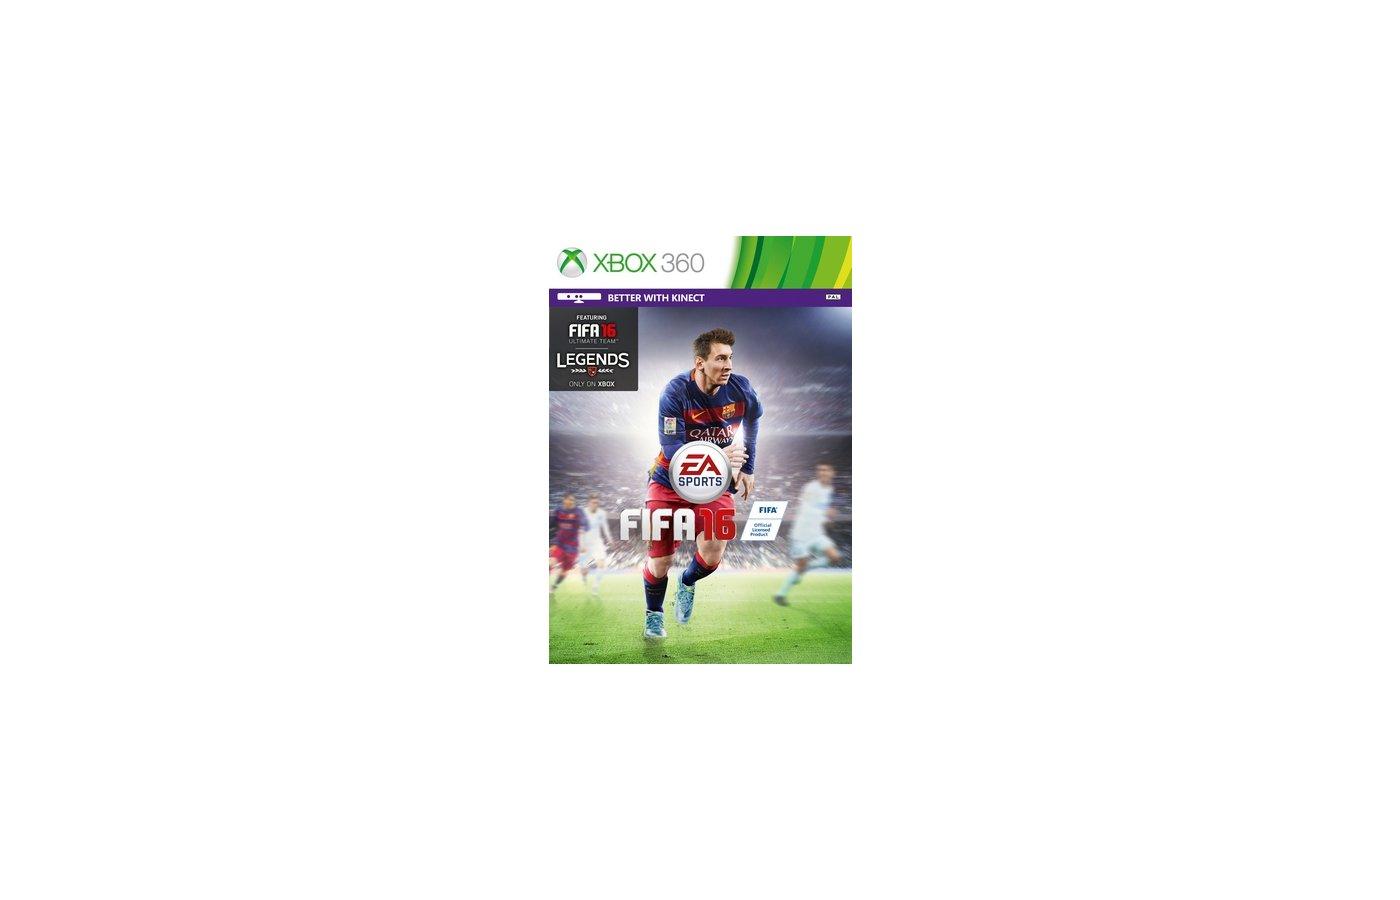 FIFA16(Xbox360русскаяверсия)